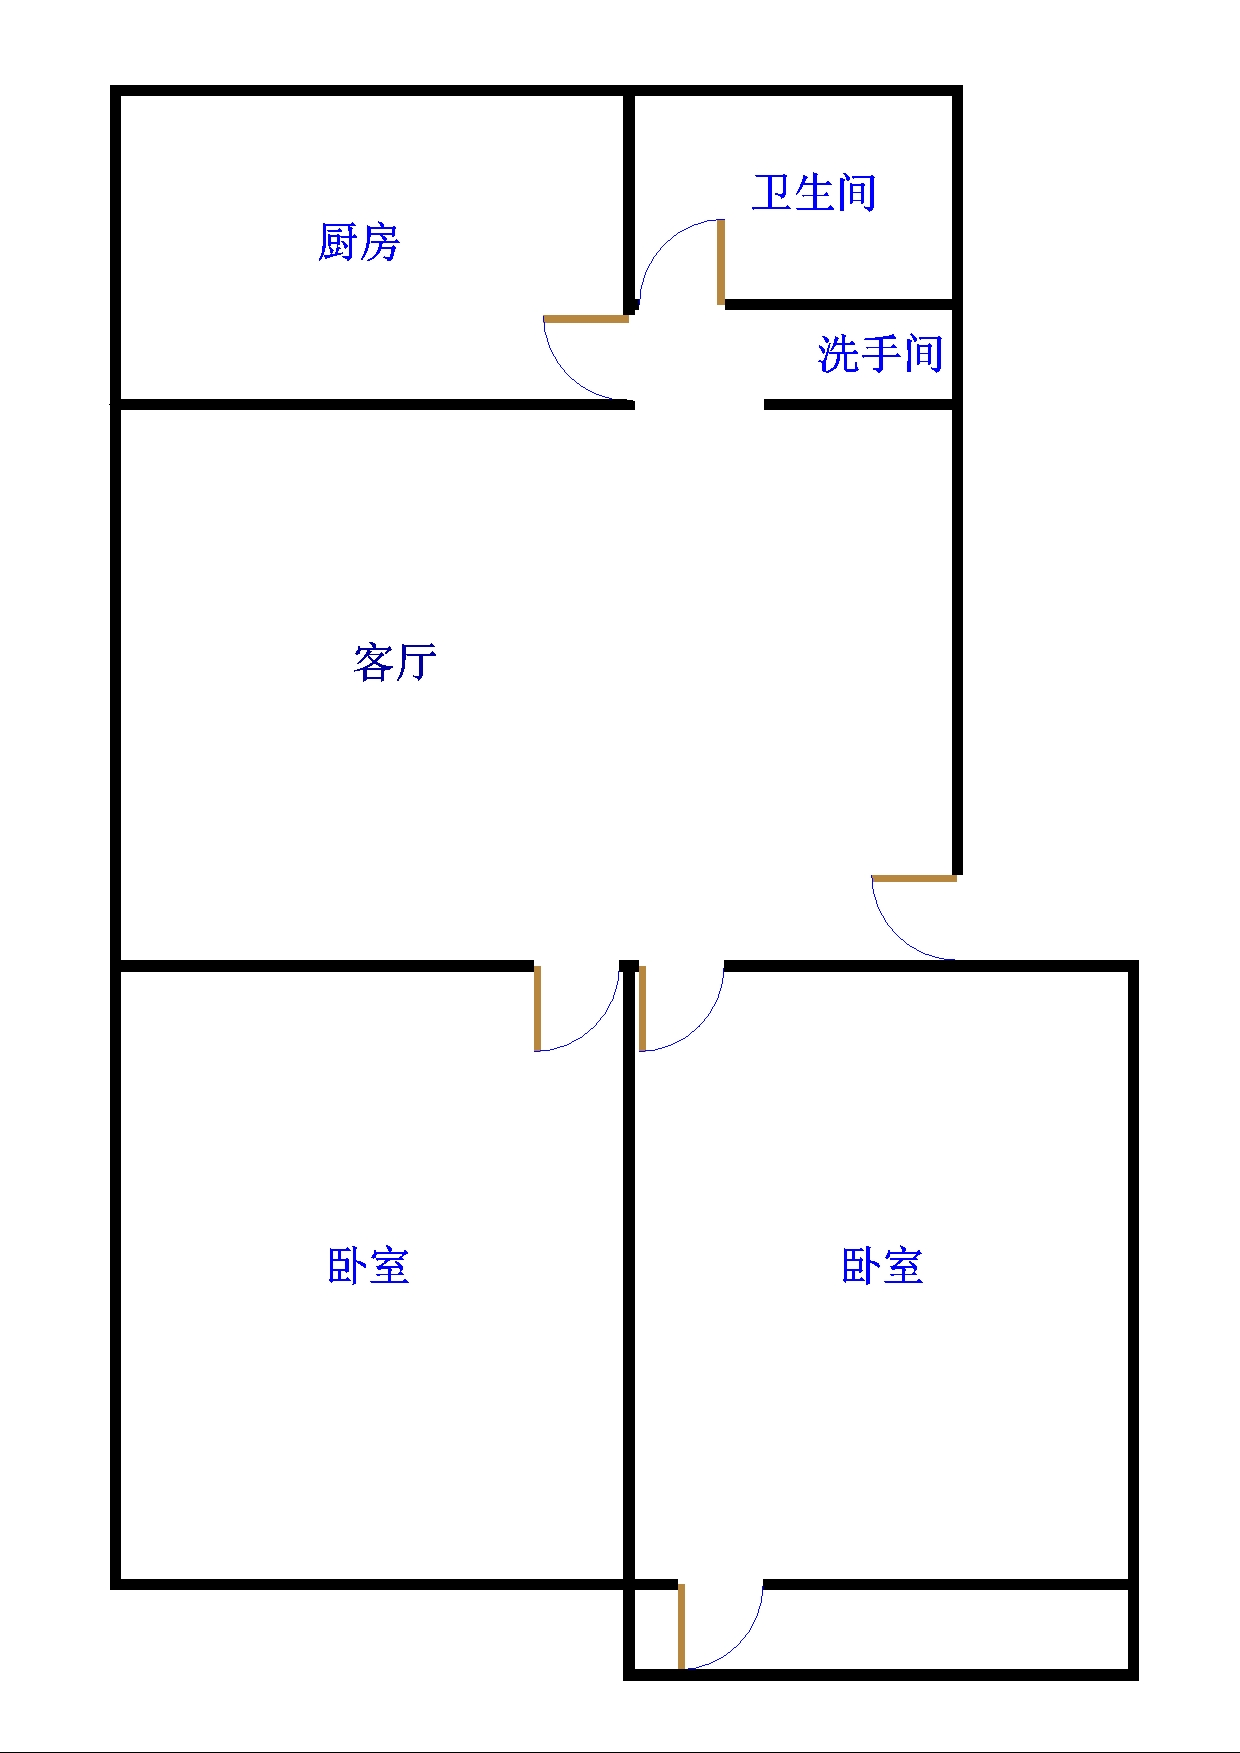 星河湾 2室1厅 6楼